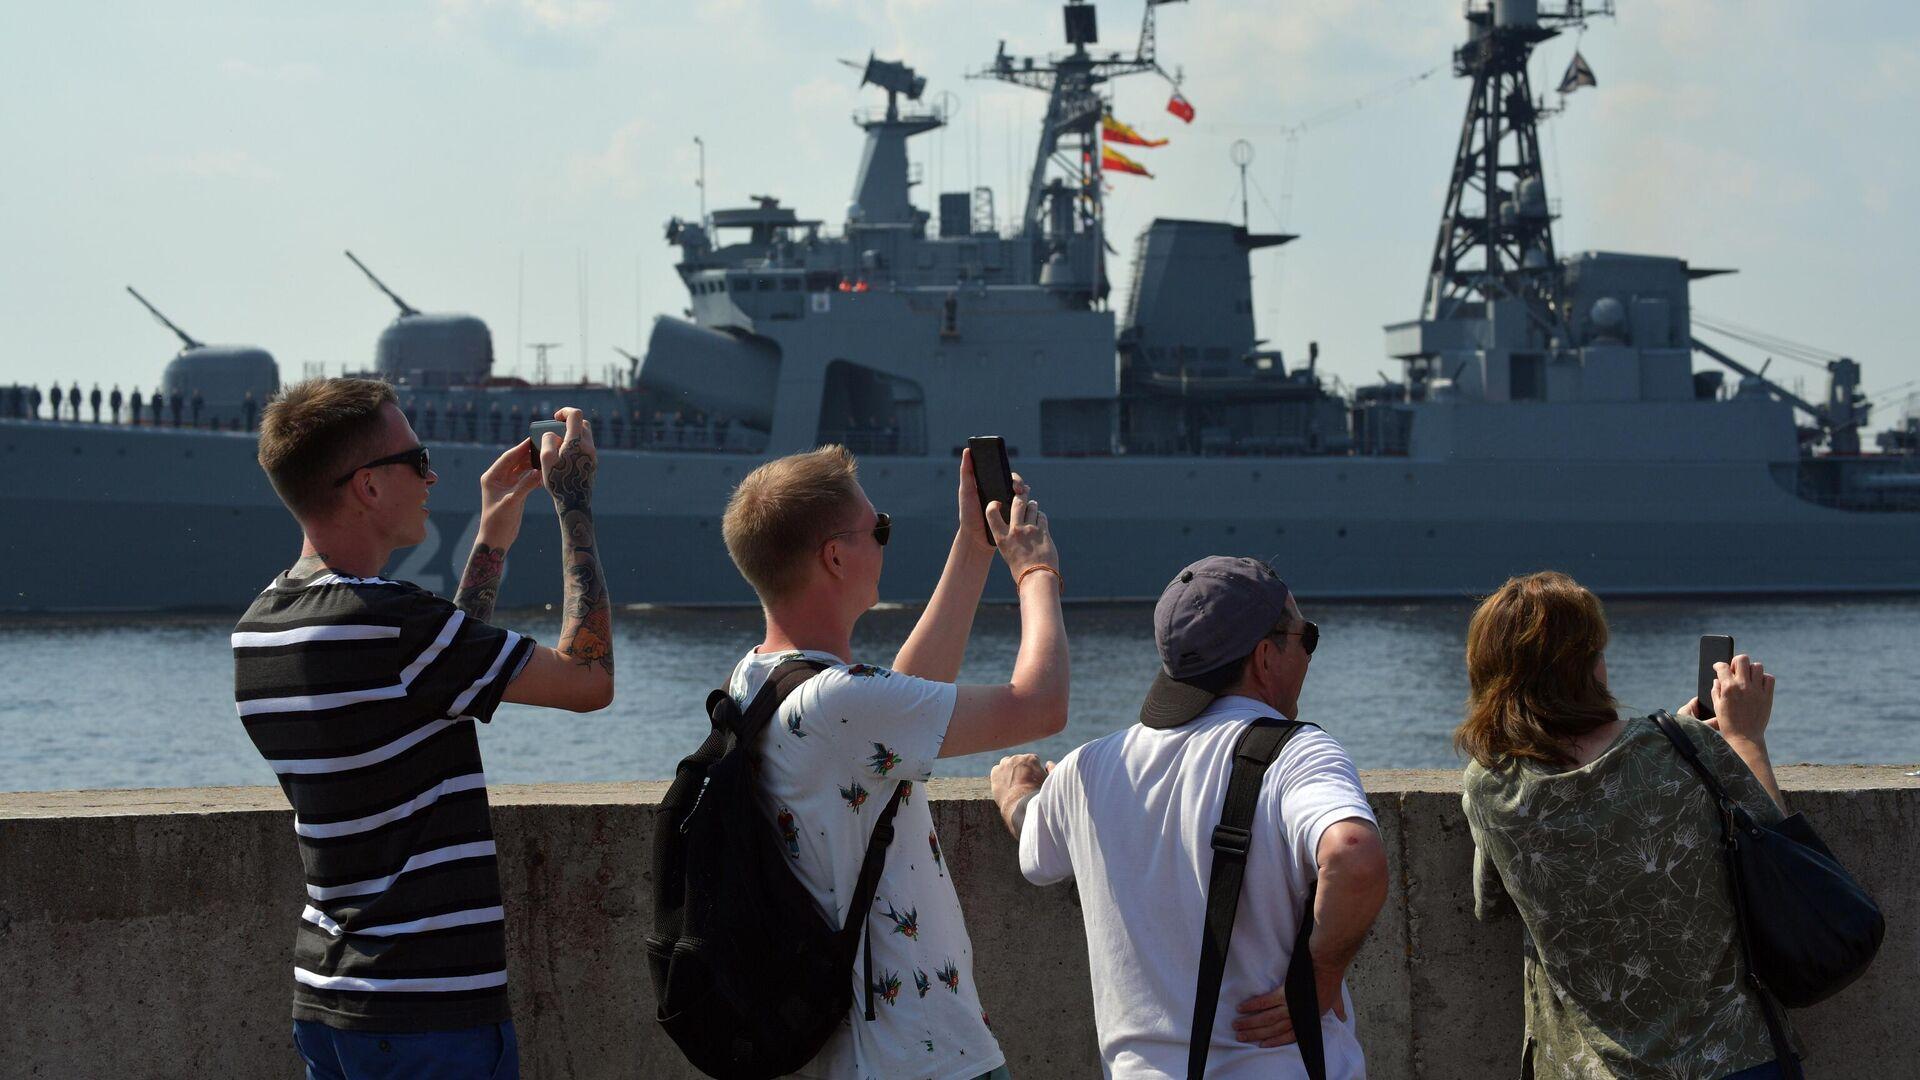 Люди на набережной наблюдают за подготовкой кораблей ВМФ РФ к параду в Кронштадте - РИА Новости, 1920, 25.07.2021